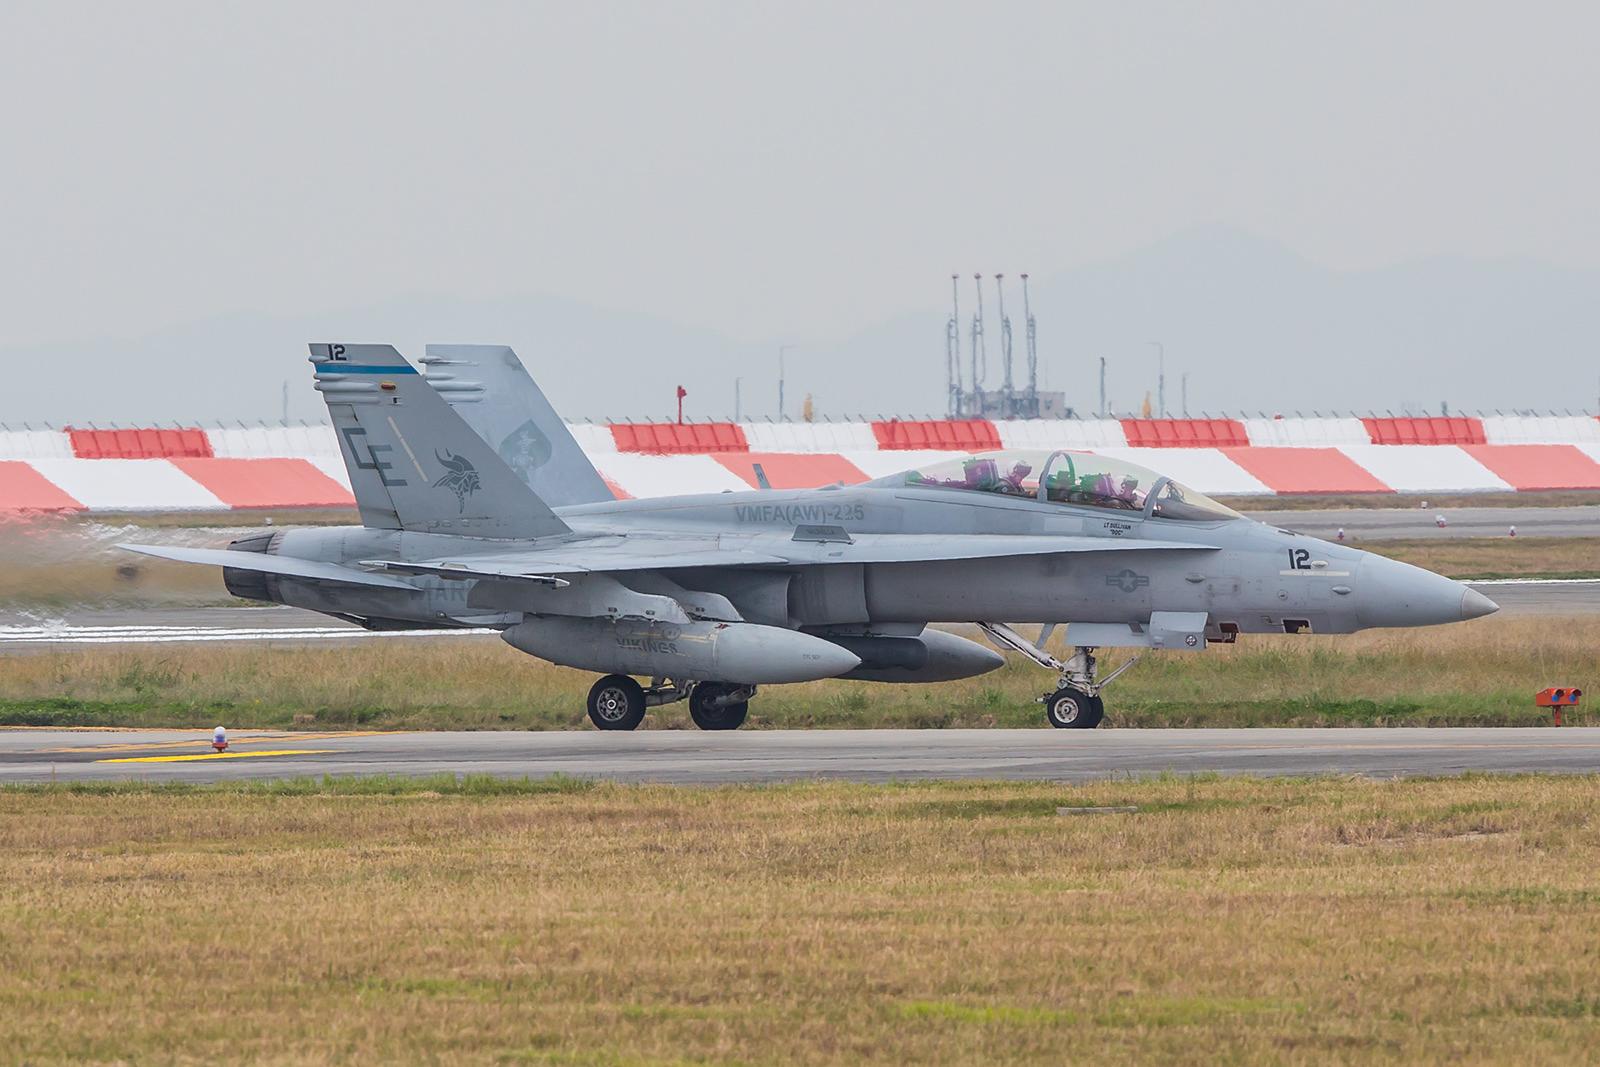 """Zum ersten Mal überhaupt habe ich eien RF-18D gesehen. Die """"Photo-Hornet"""" der VMFA (AW)-225 ist normalerweise auf der MCAS Miramar in Kalifornien zu Hause."""